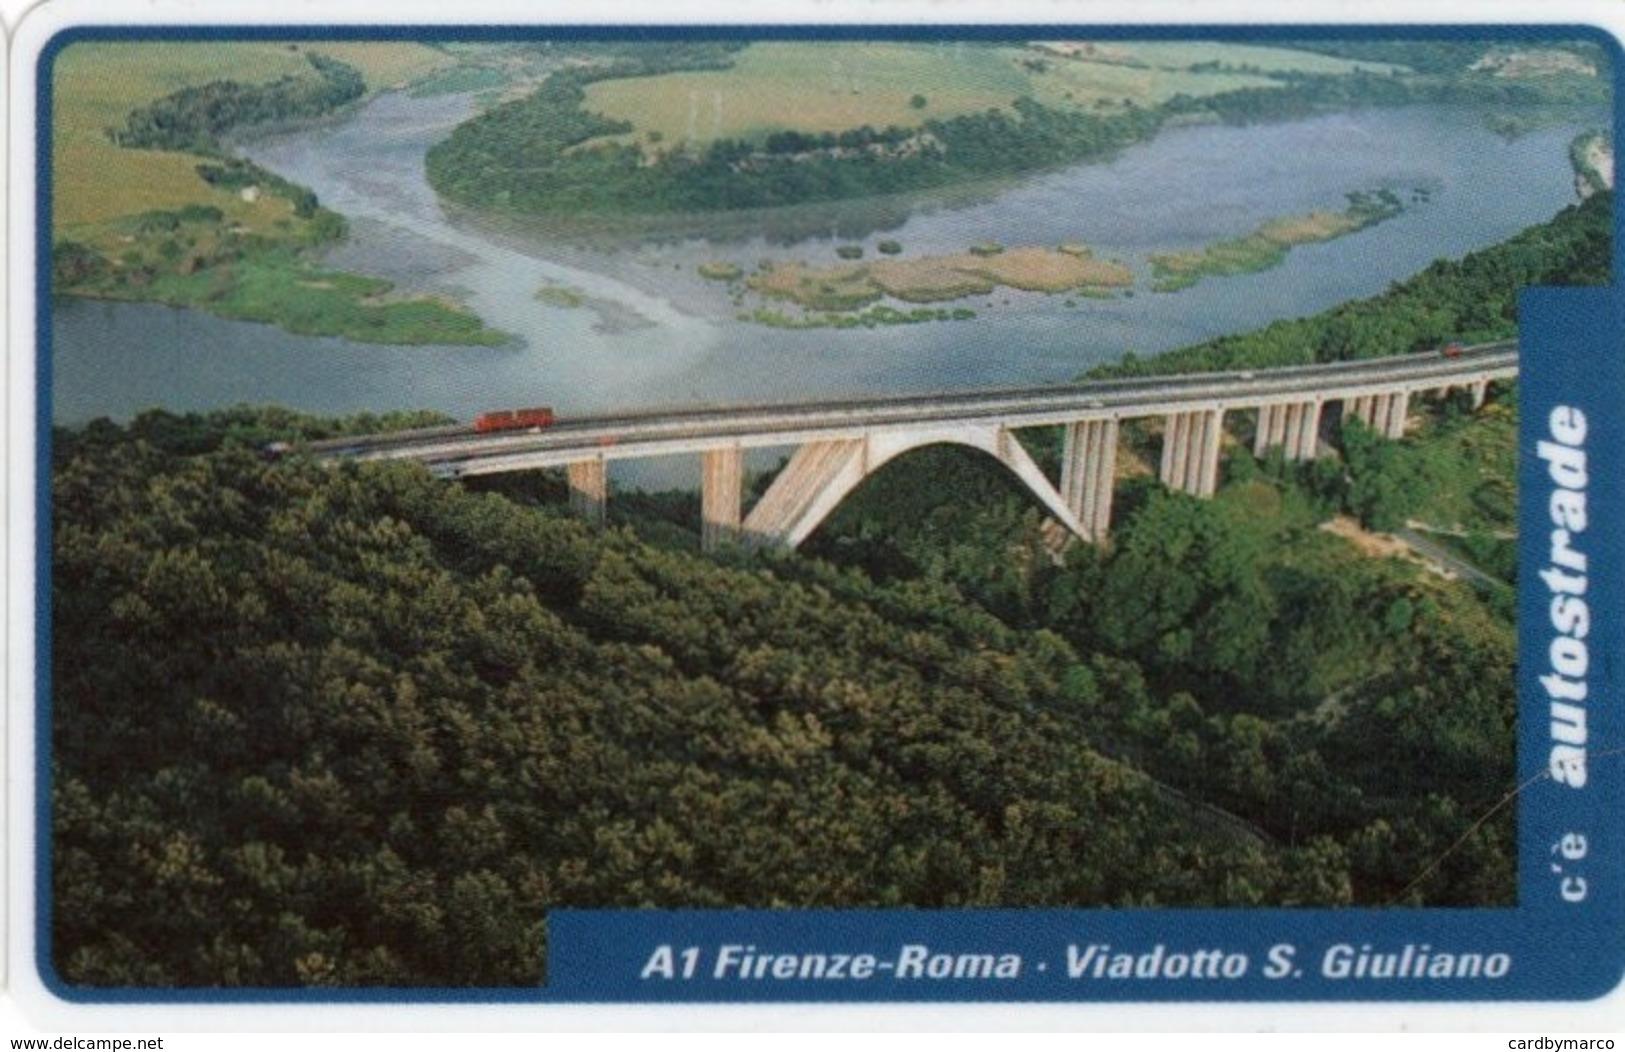 *ITALIA: VIACARD - A1 FIRENZE-ROMA - VIADOTTO S.GIULIANO (L.50000)* - Usata - Altre Collezioni